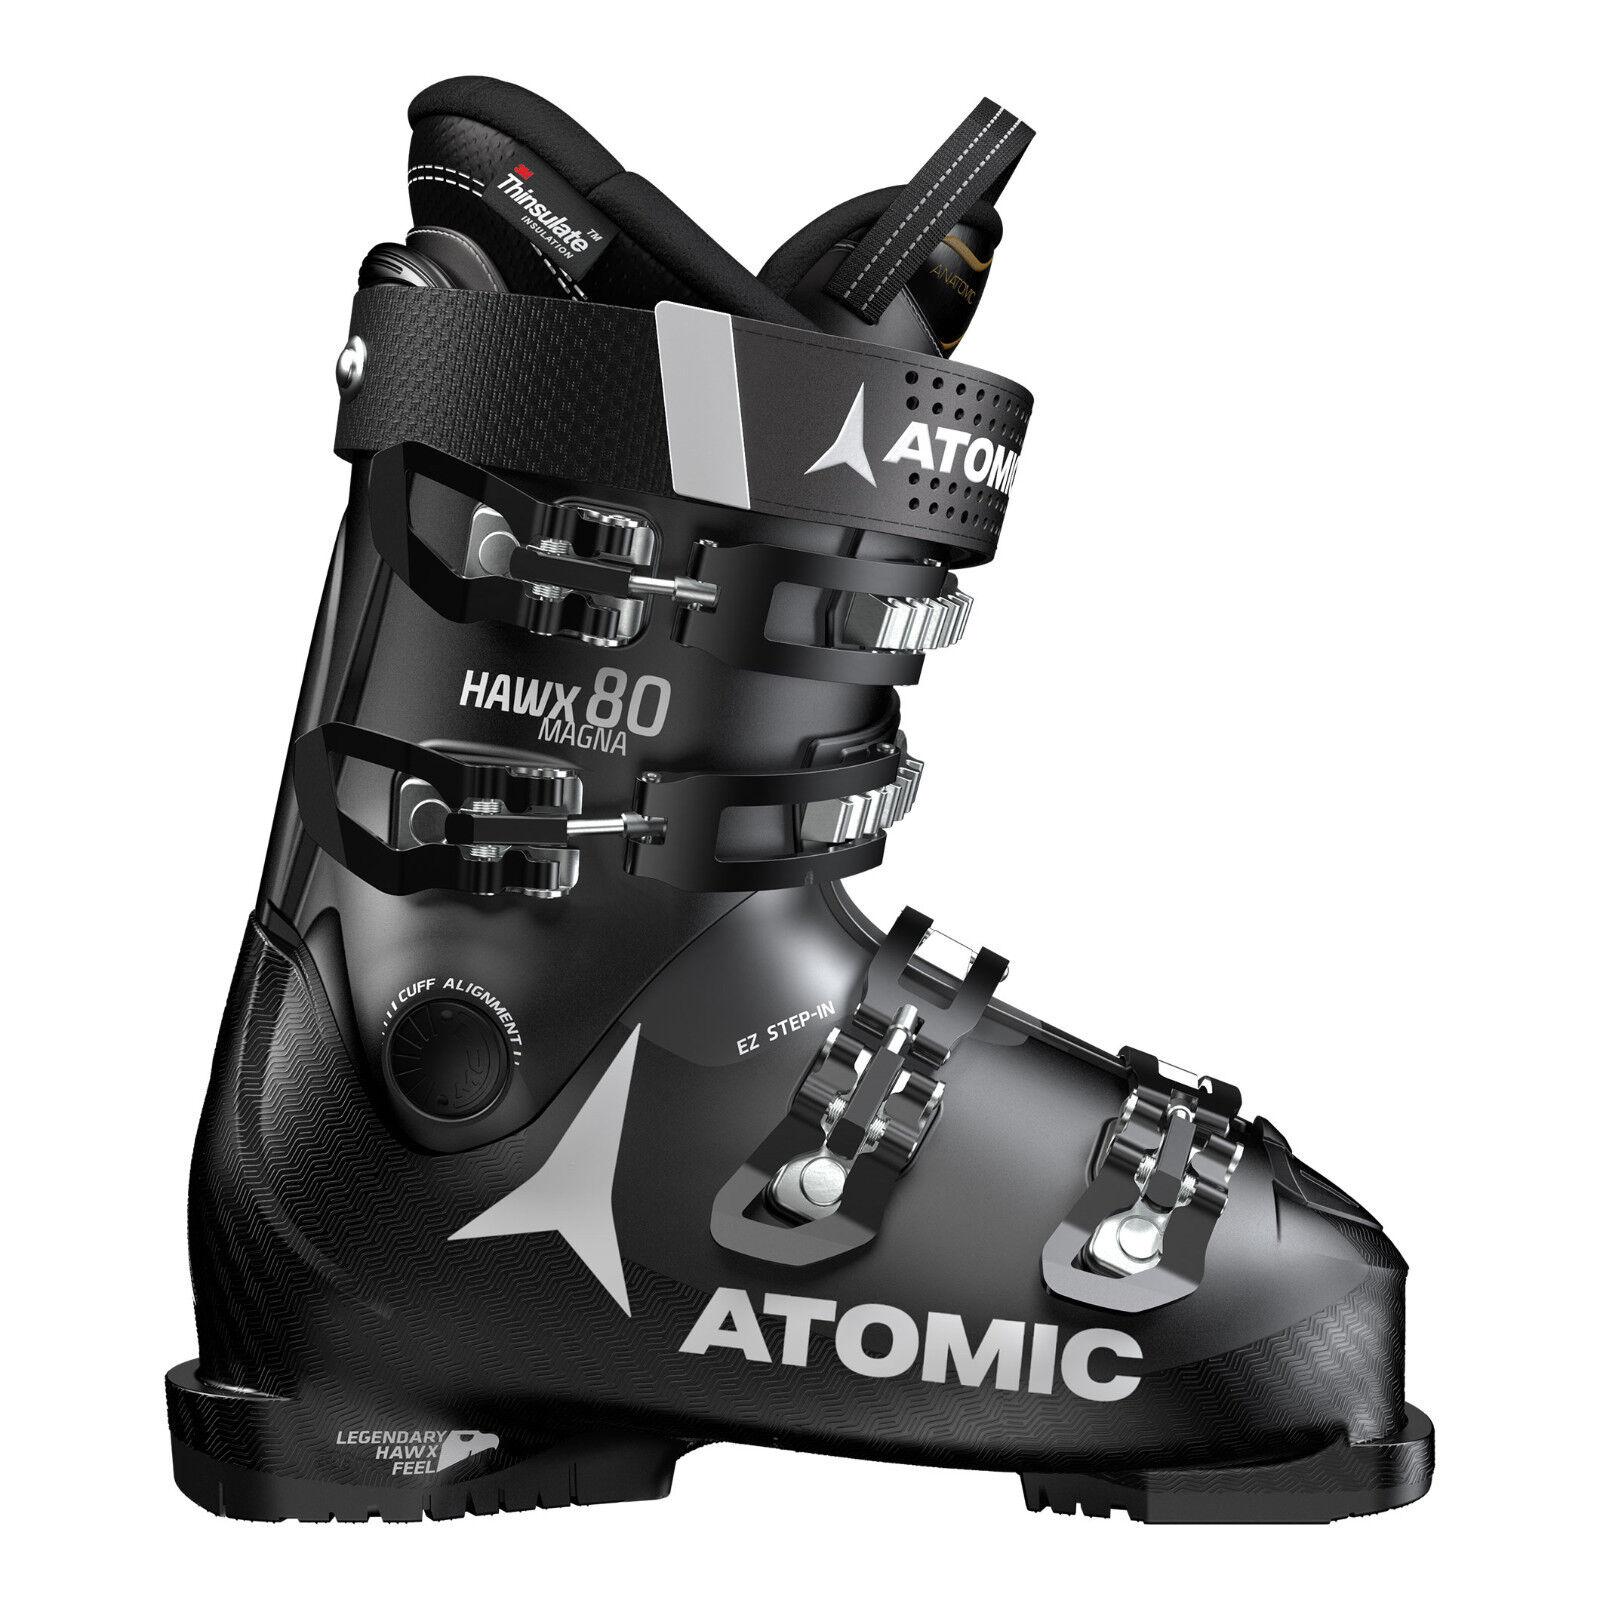 ATOMIC HAWX MAGNA 80 Skischuh UNISEX (schwarz-anthracite) Collection 2019 NEU